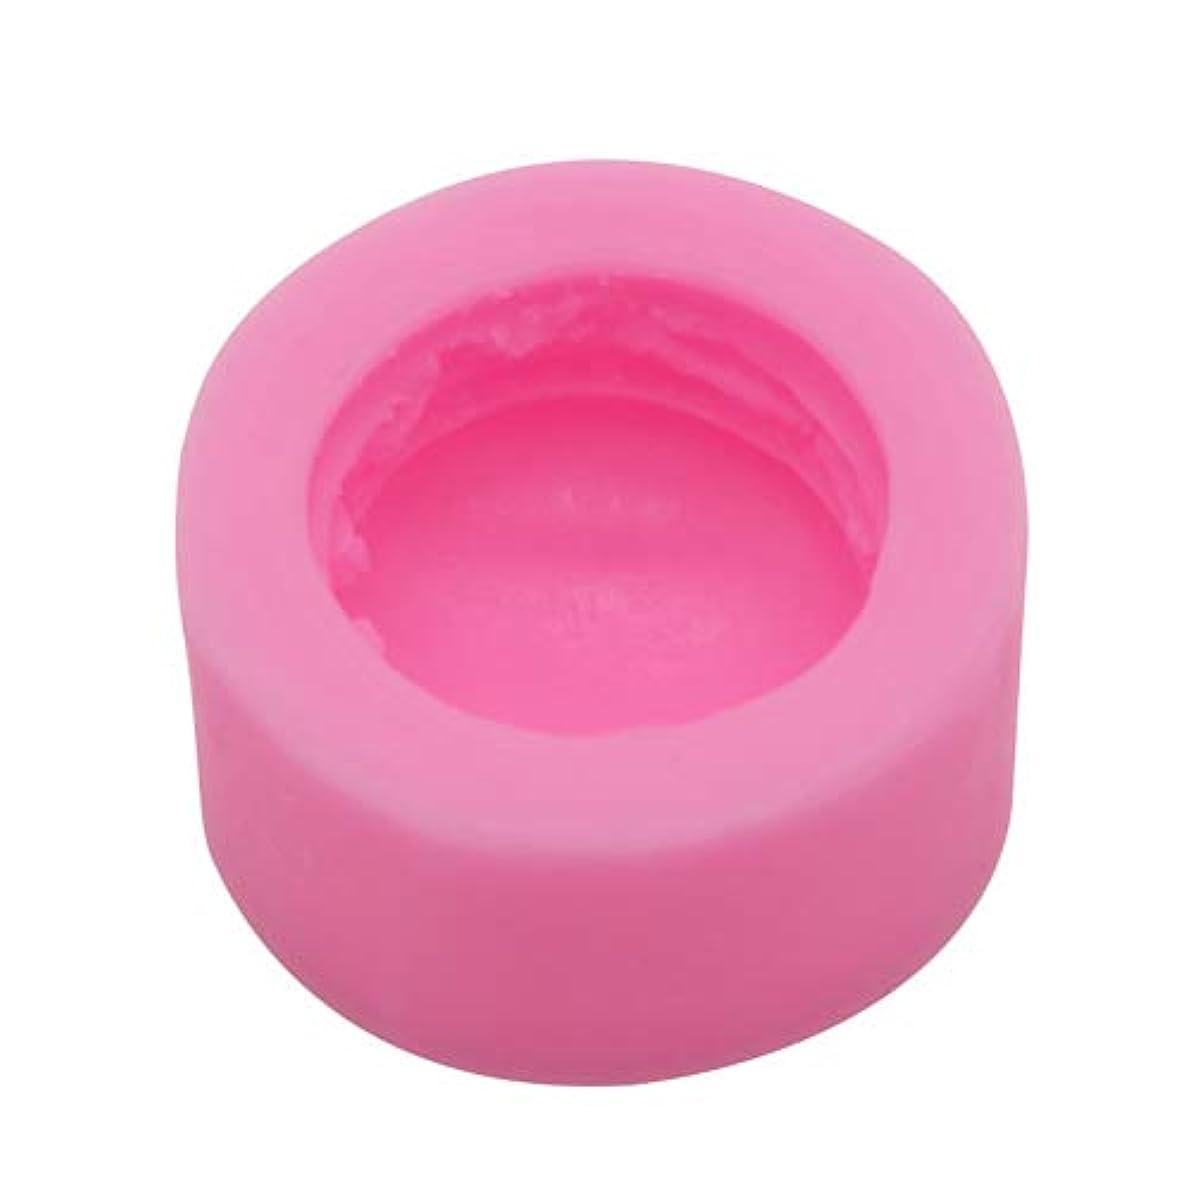 俳句病気の純粋なHealifty 3dピンクシリコーンマカロン石鹸金型ラウンドシリンダー型用手作り石鹸風呂爆弾チョコレートキャンドル